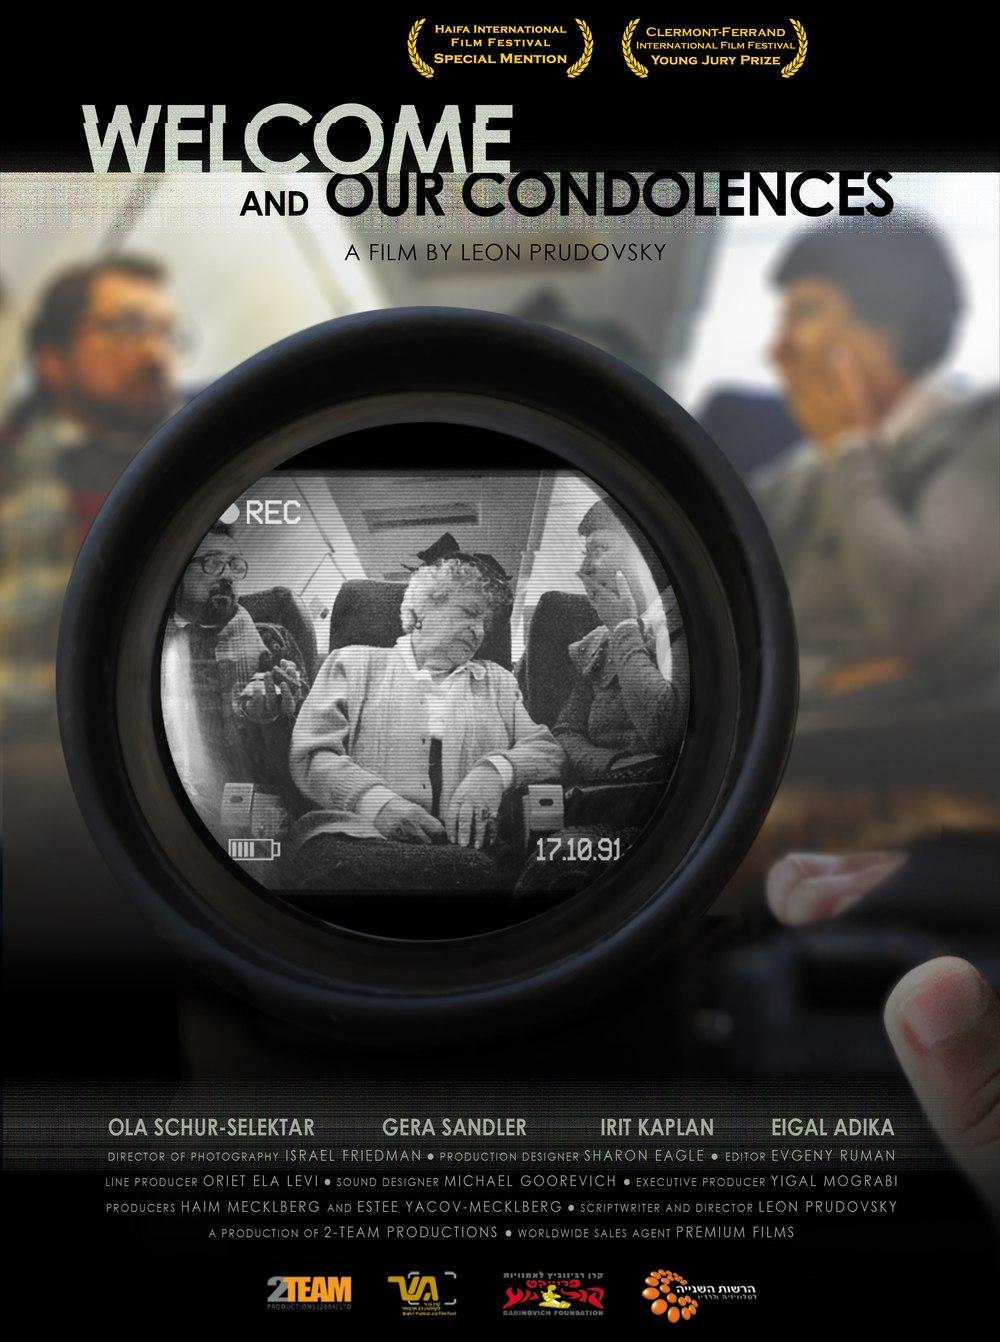 Добро пожаловать и наши соболезнования / Bruchim Habayim ve Mishtatfim Betzaarchem / Welcome and Our Condolences (2012)